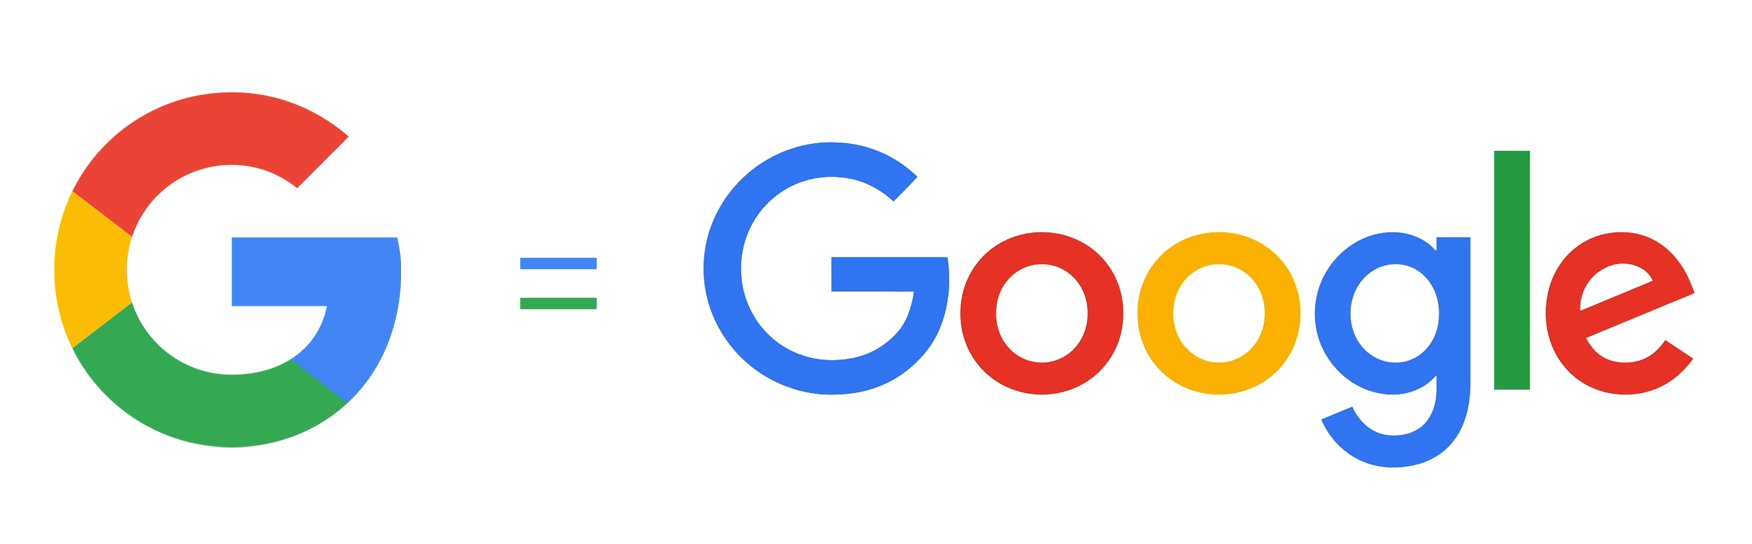 Resultado de imagen para google logo